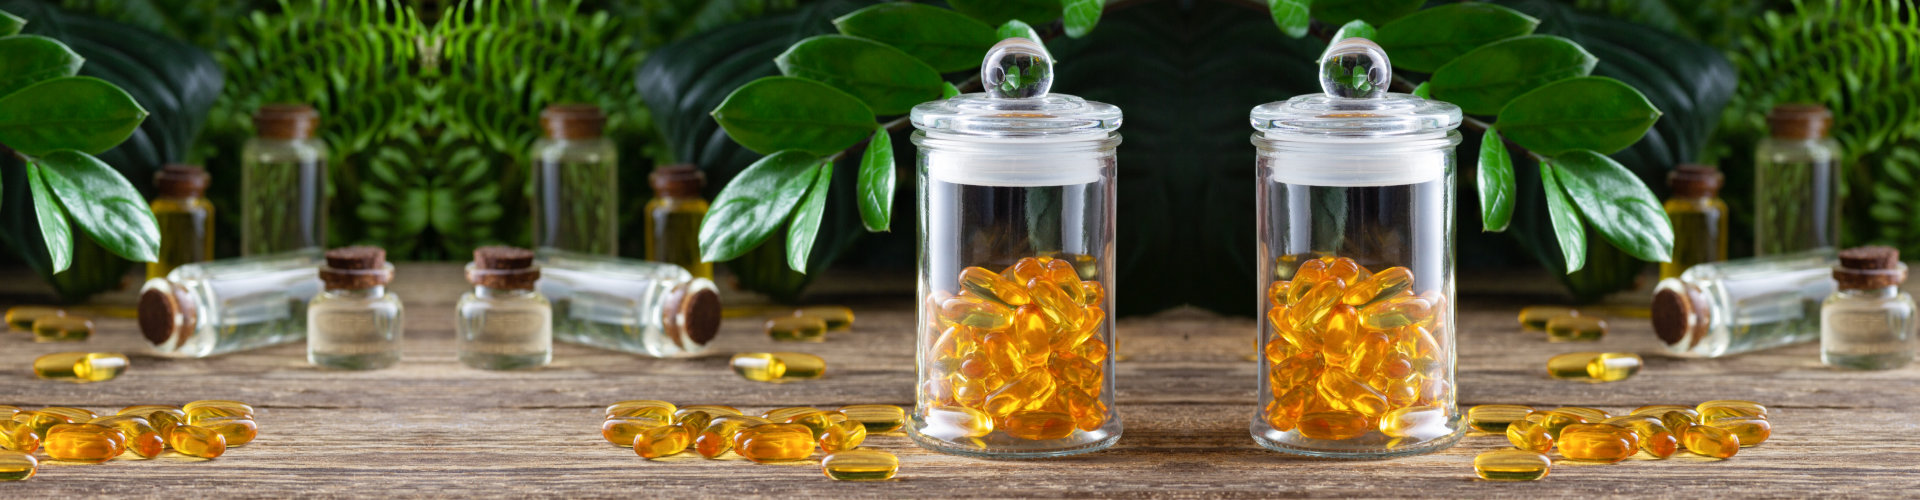 Natural vitamins and supplements